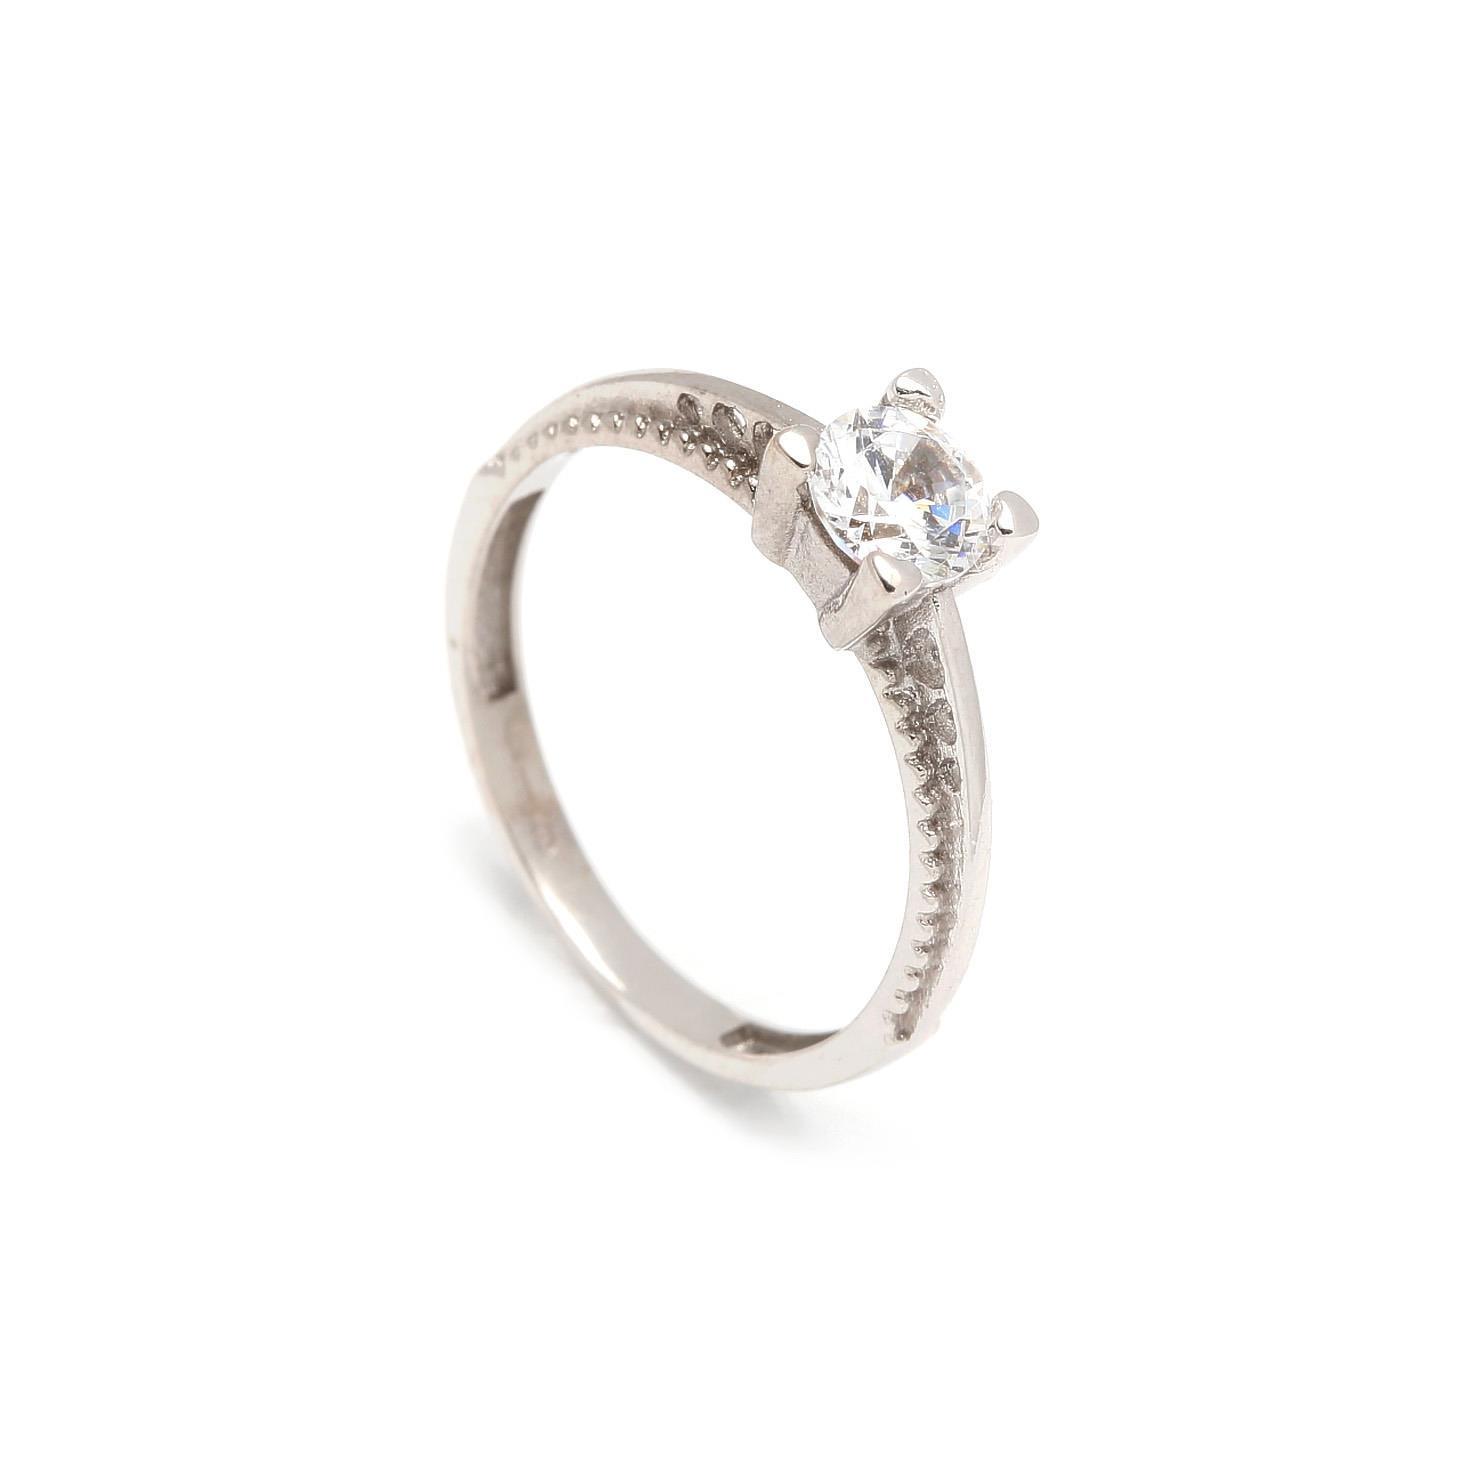 Zlatý zásnubný prsteň ALYSSUM white ce529ede0f3